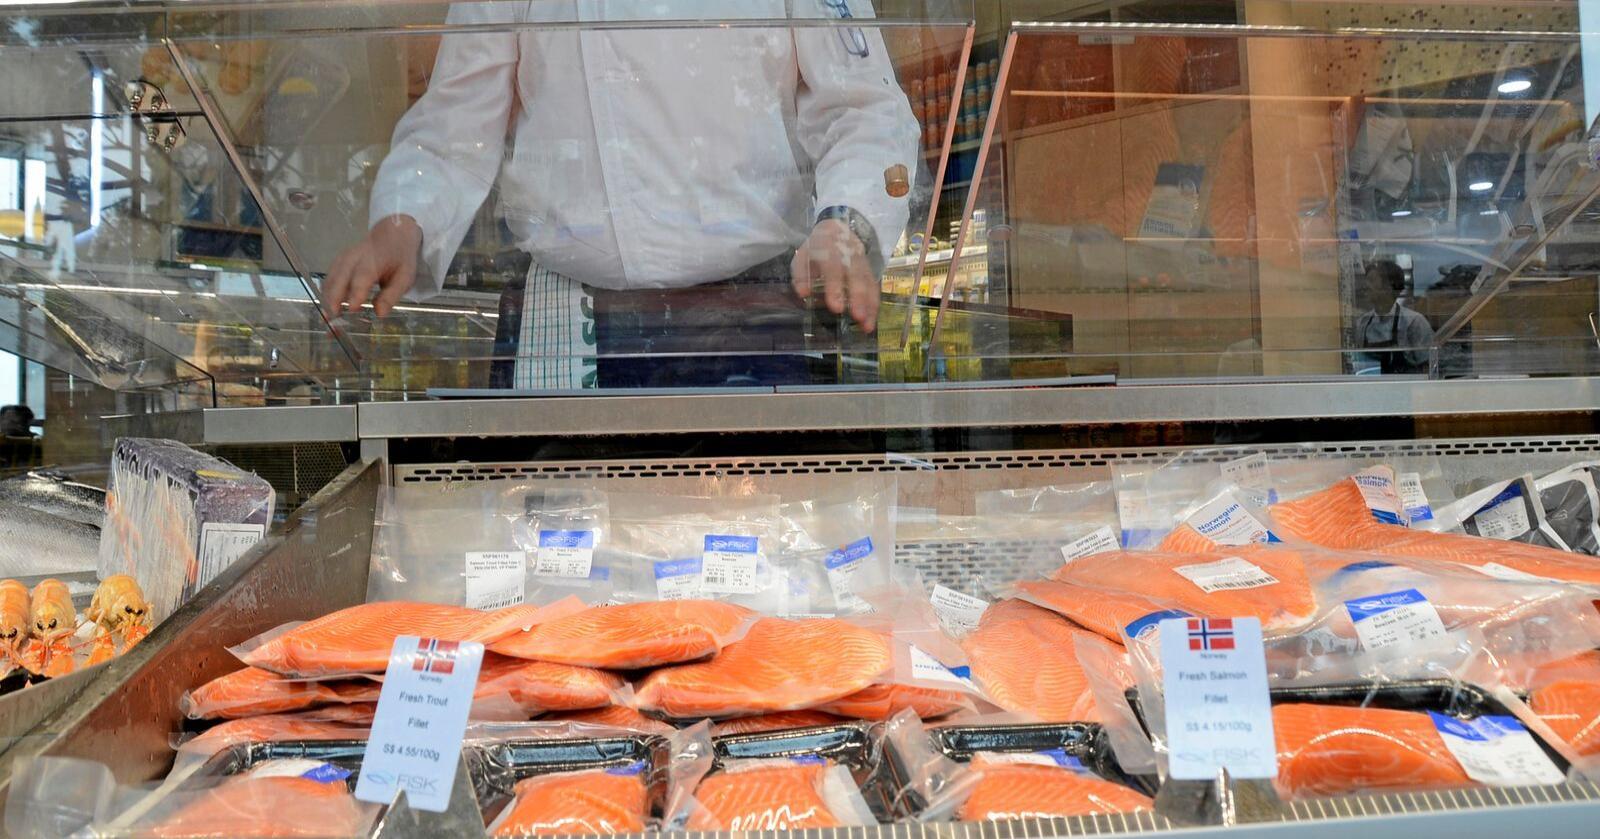 Sjømatnæringen er en lønnsom og subsidiefri næring. Skal vi lykkes med å sikre flere kroner til fellesskapet, må vi få bedret adgang til våre viktigste markeder, skriver Geir Ove Ystmark. Foto: Mariann Tvete